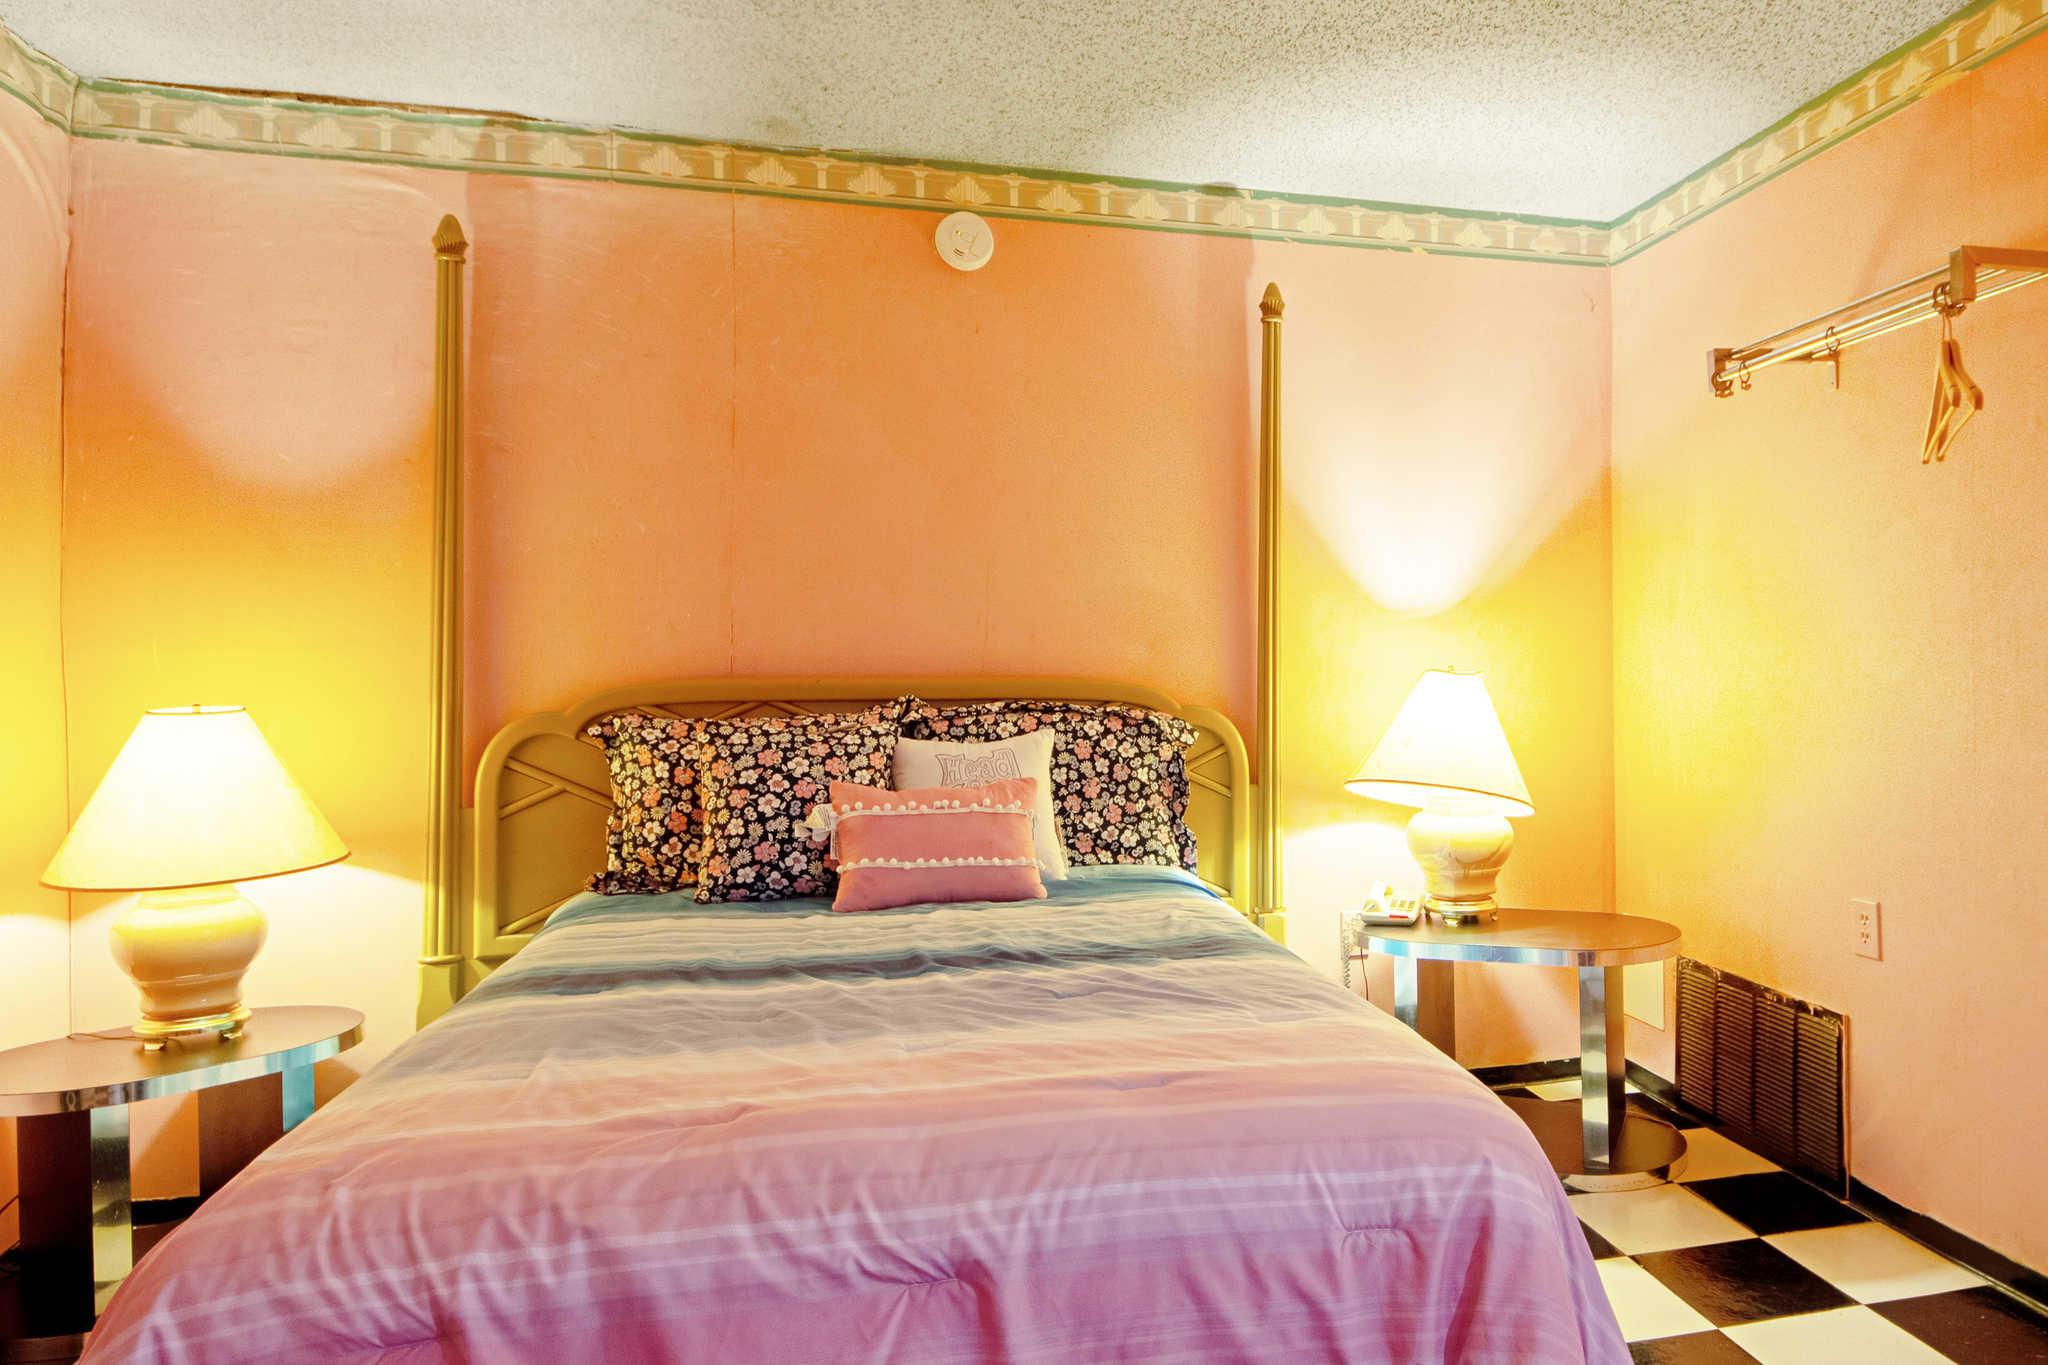 Rodeway Inn & Suites image 39